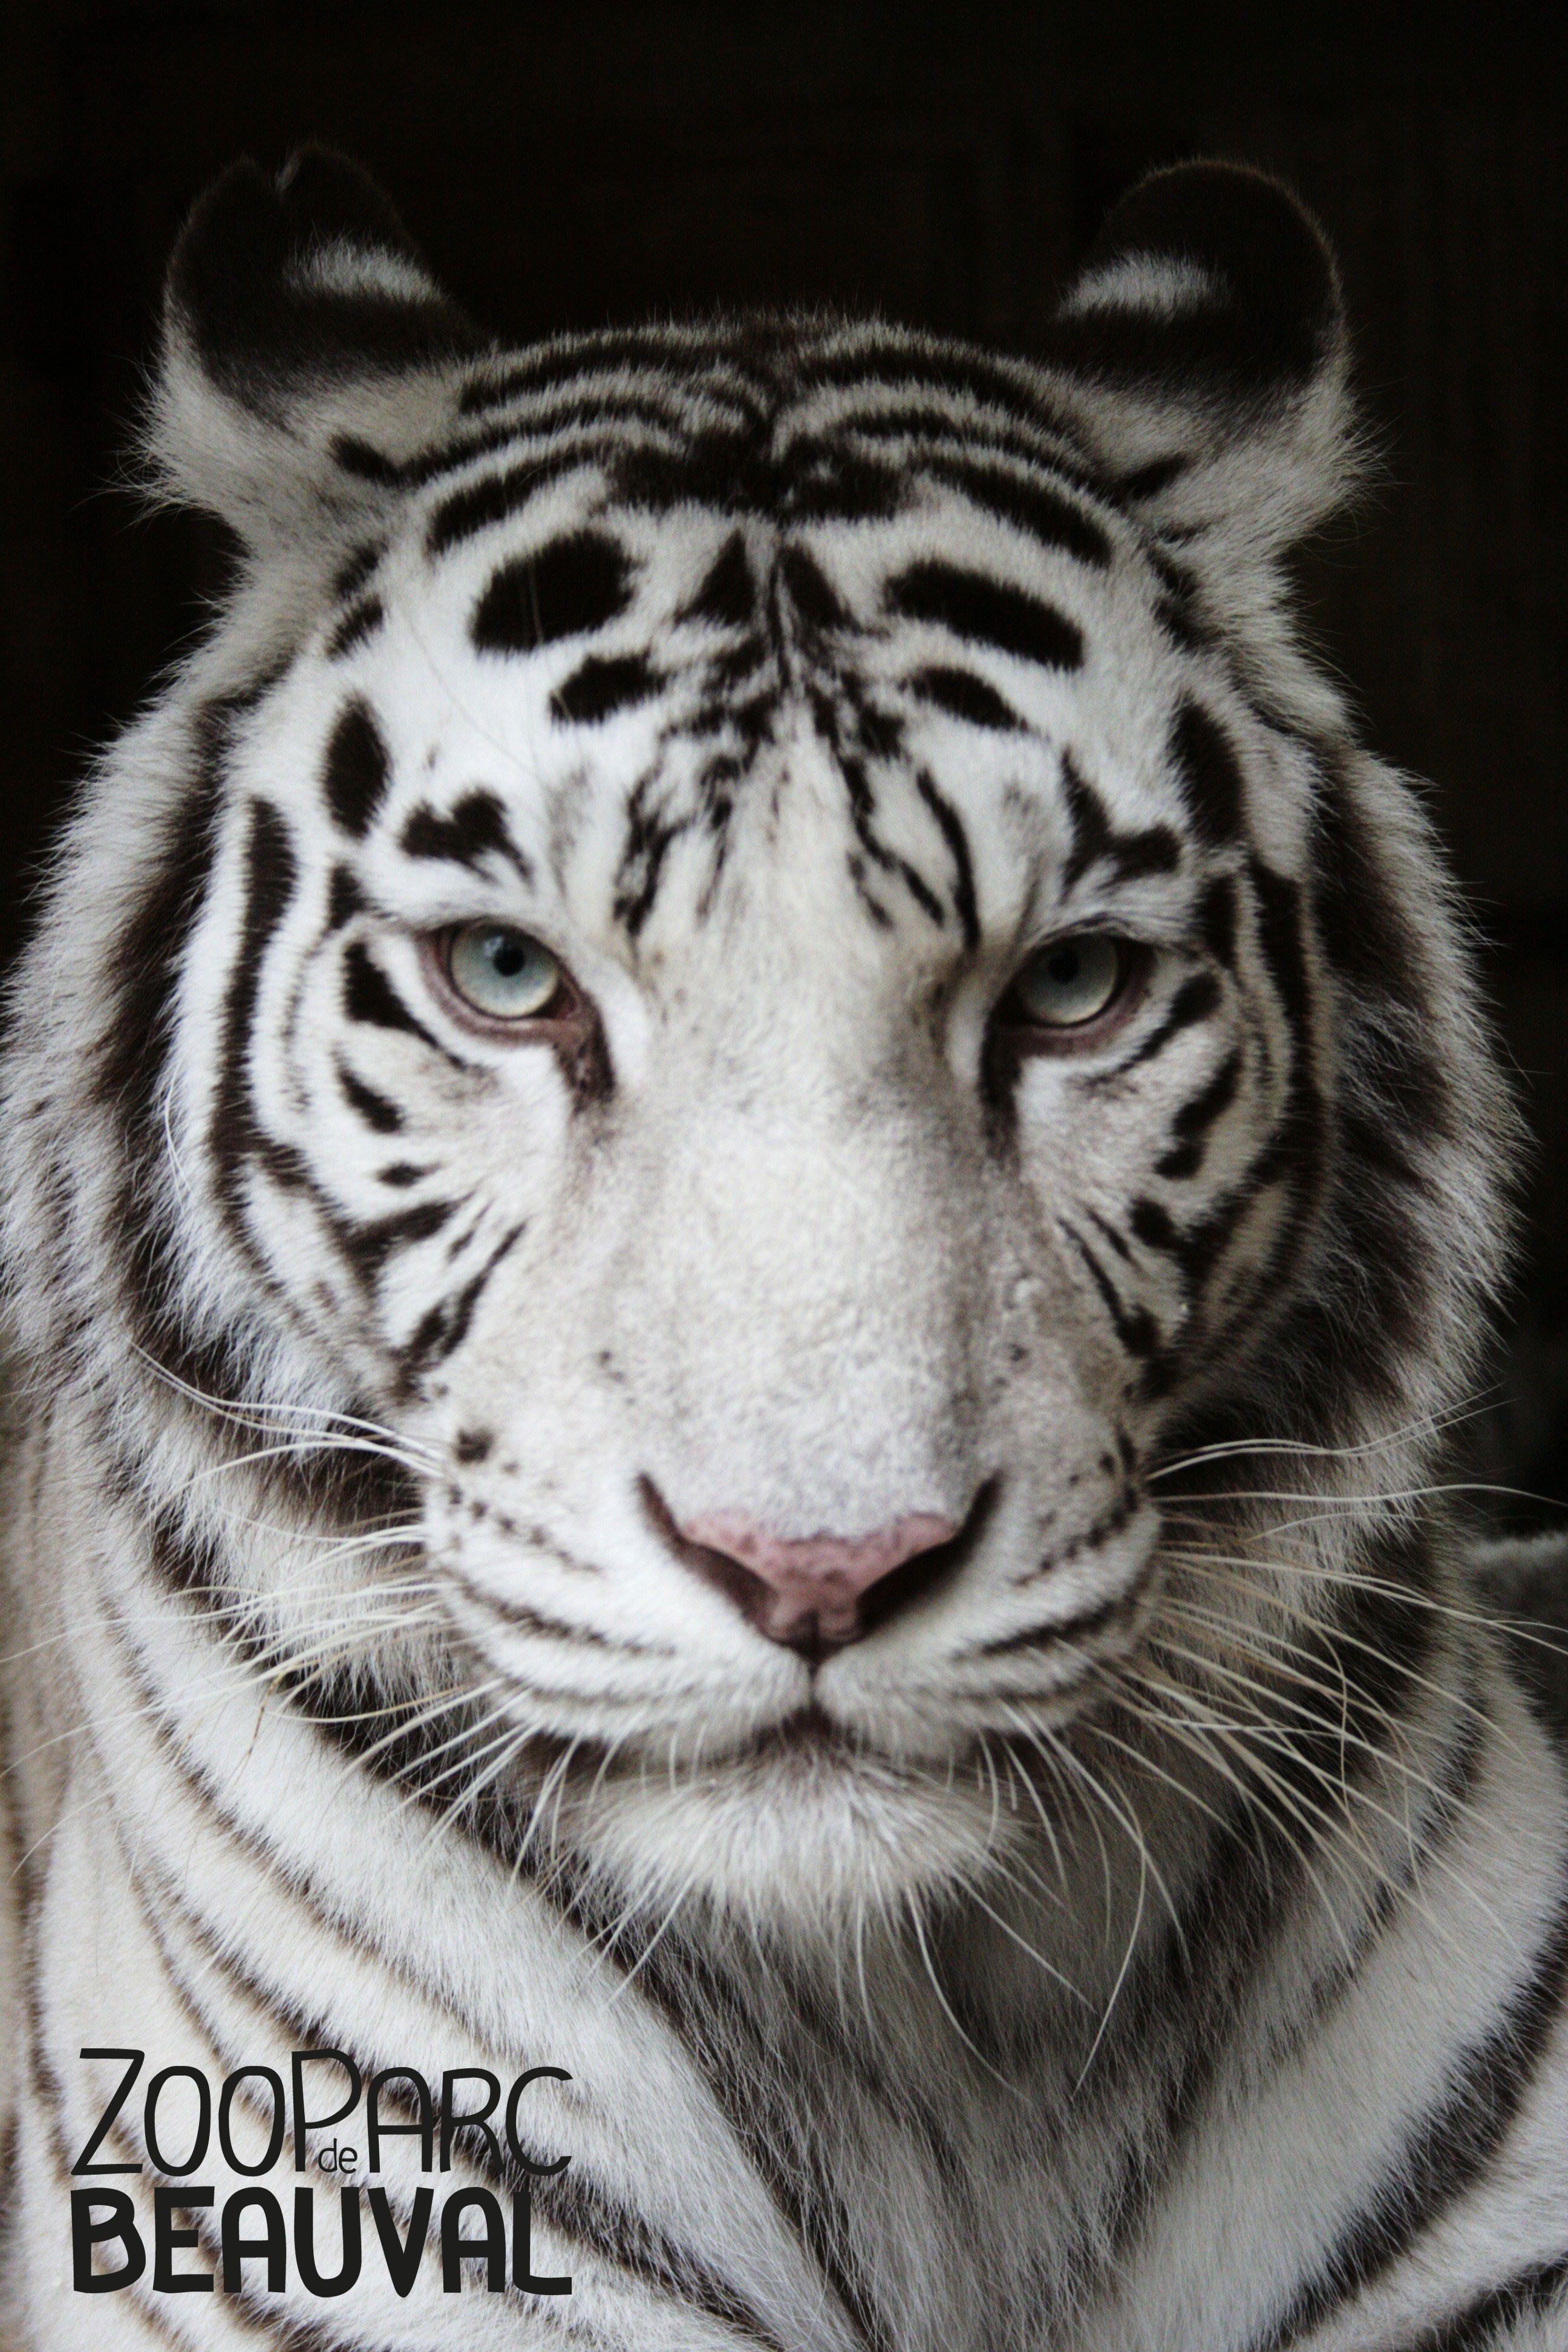 Femelle tigre blanc du zooparc de beauval fauves pinterest animaux felin et zoo de beauval - Image dessin tigre ...